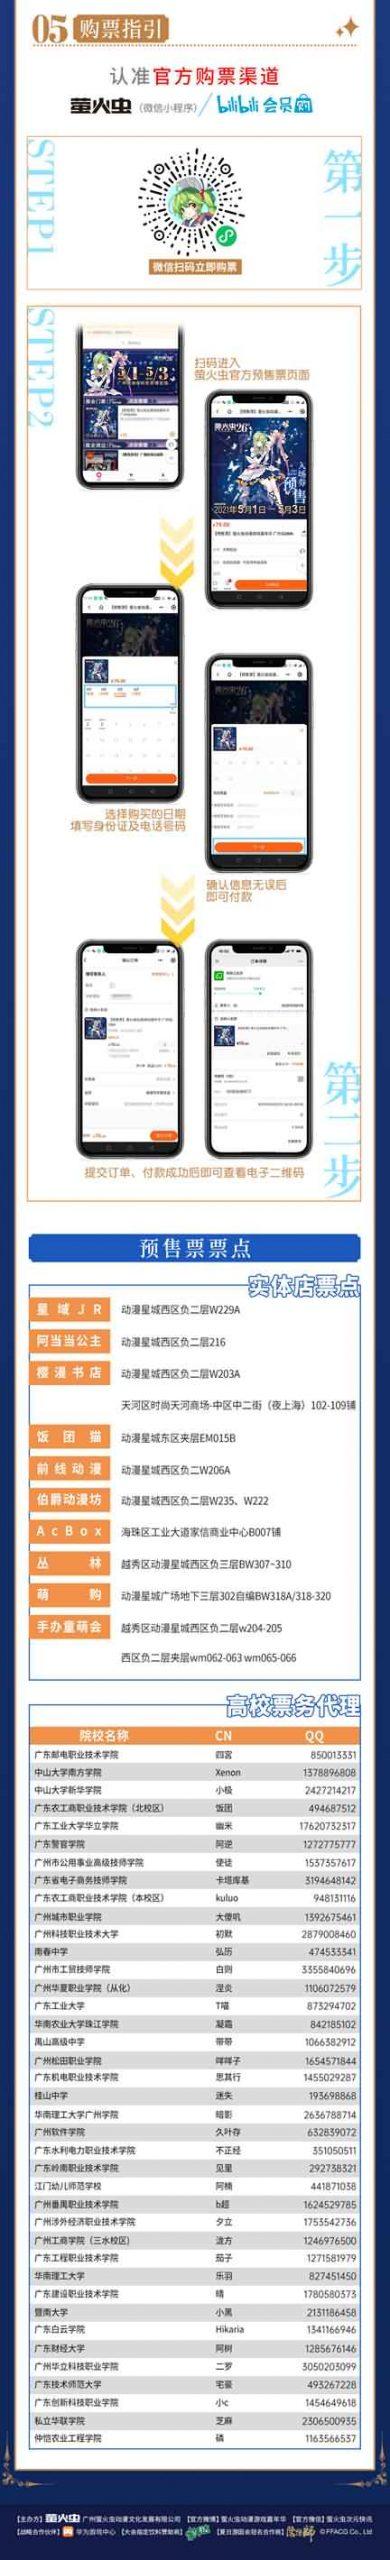 2021广州萤火虫动漫游戏嘉年华五一全情报公开